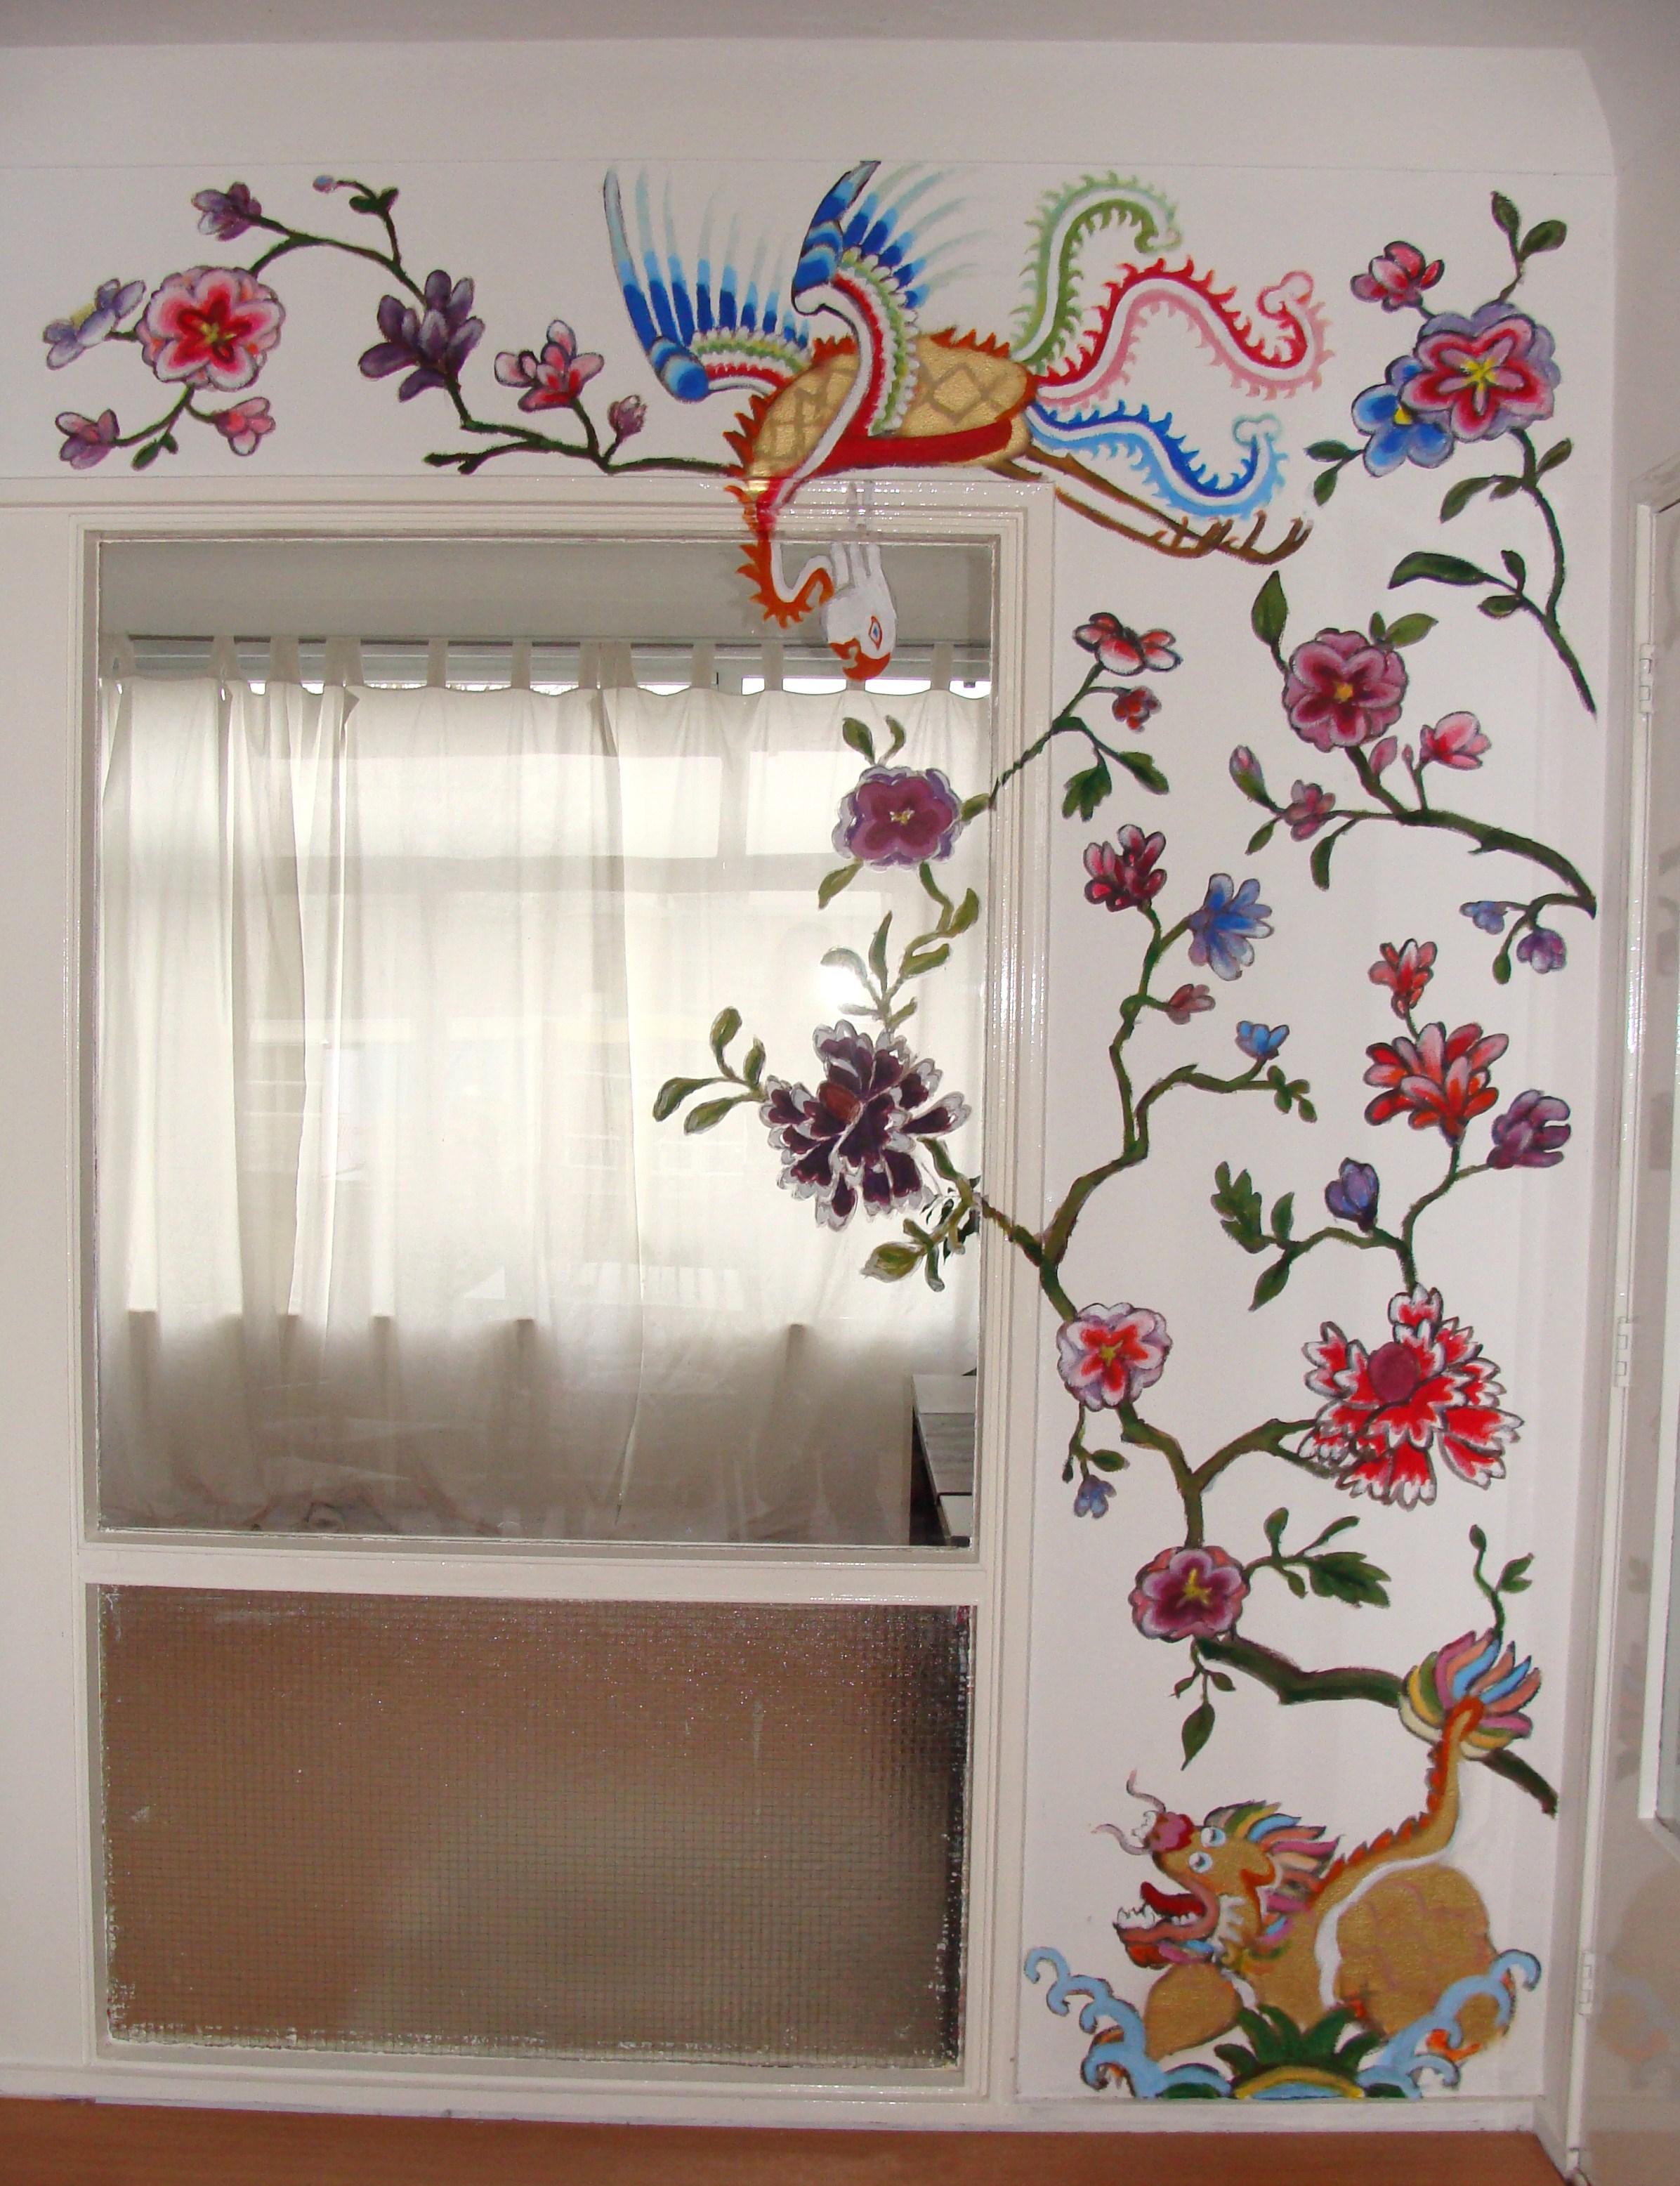 Laura boomsma muurschildering - Schilderij kamer ontwerp ...